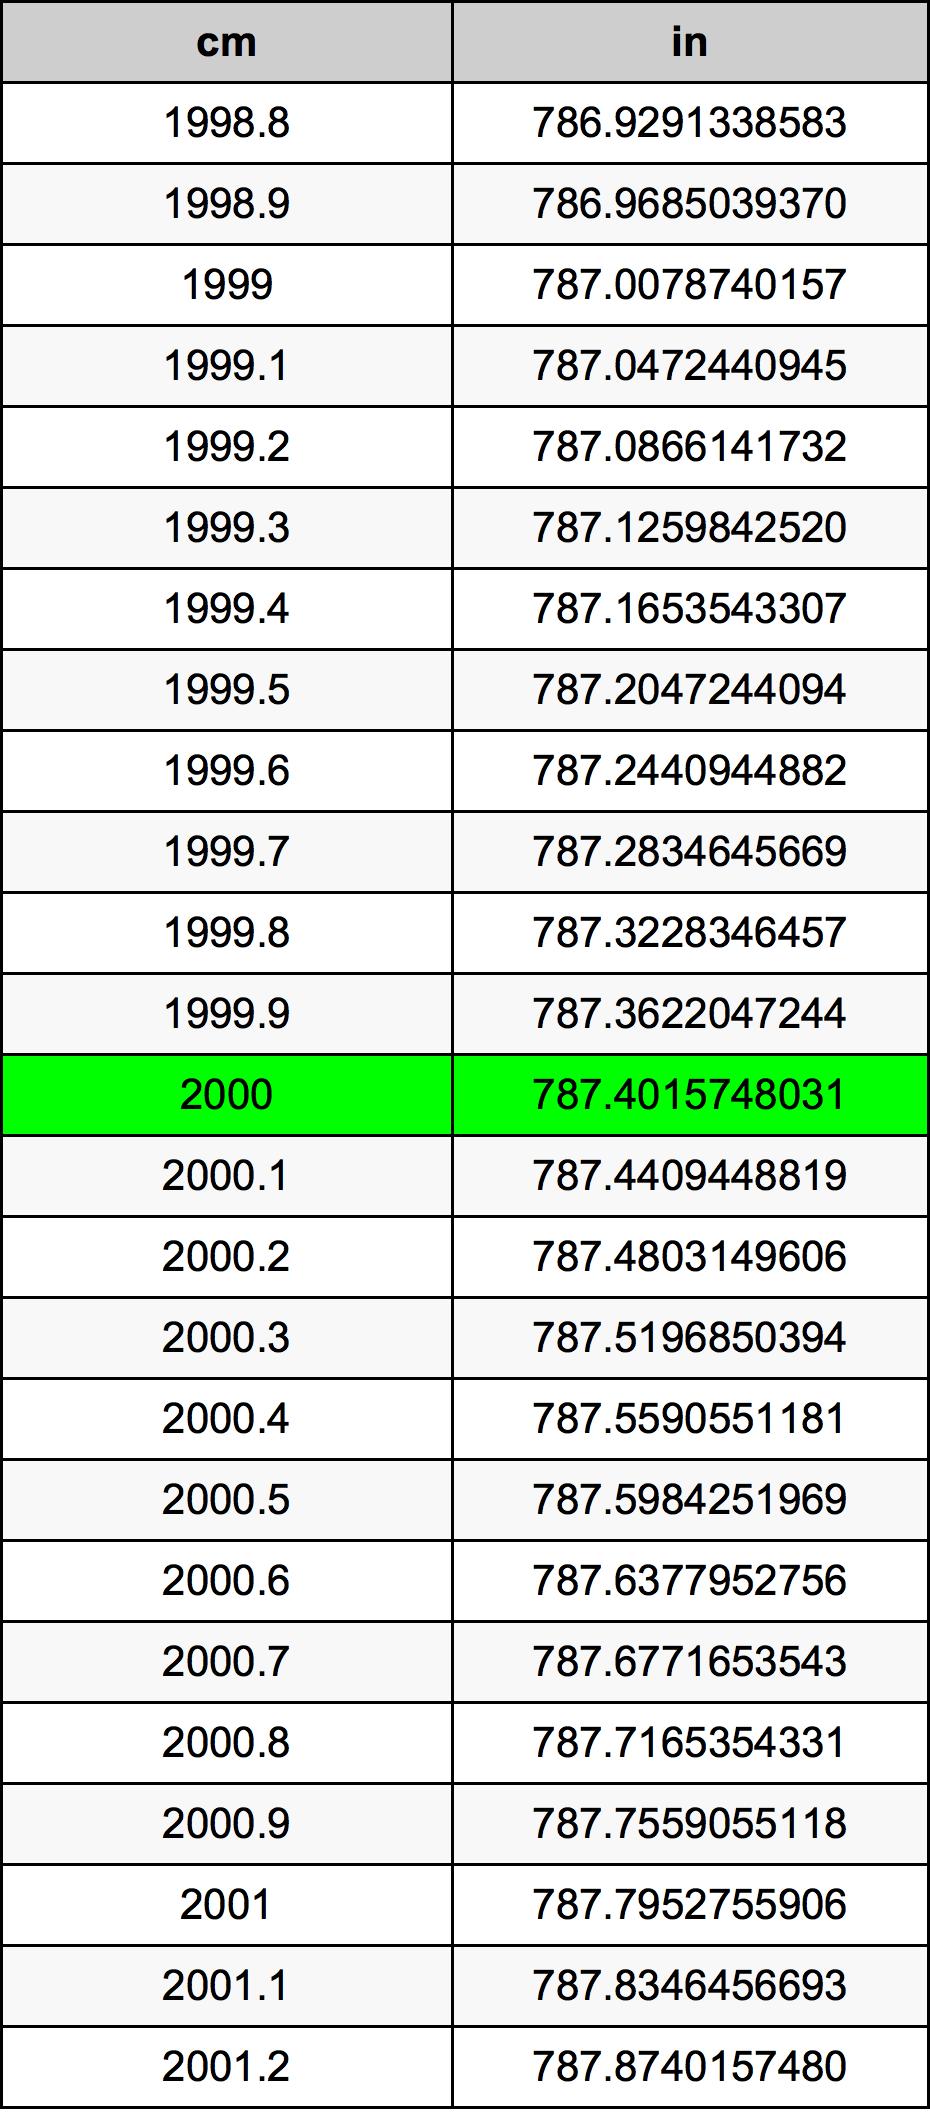 2000 Centimetr převodní tabulka